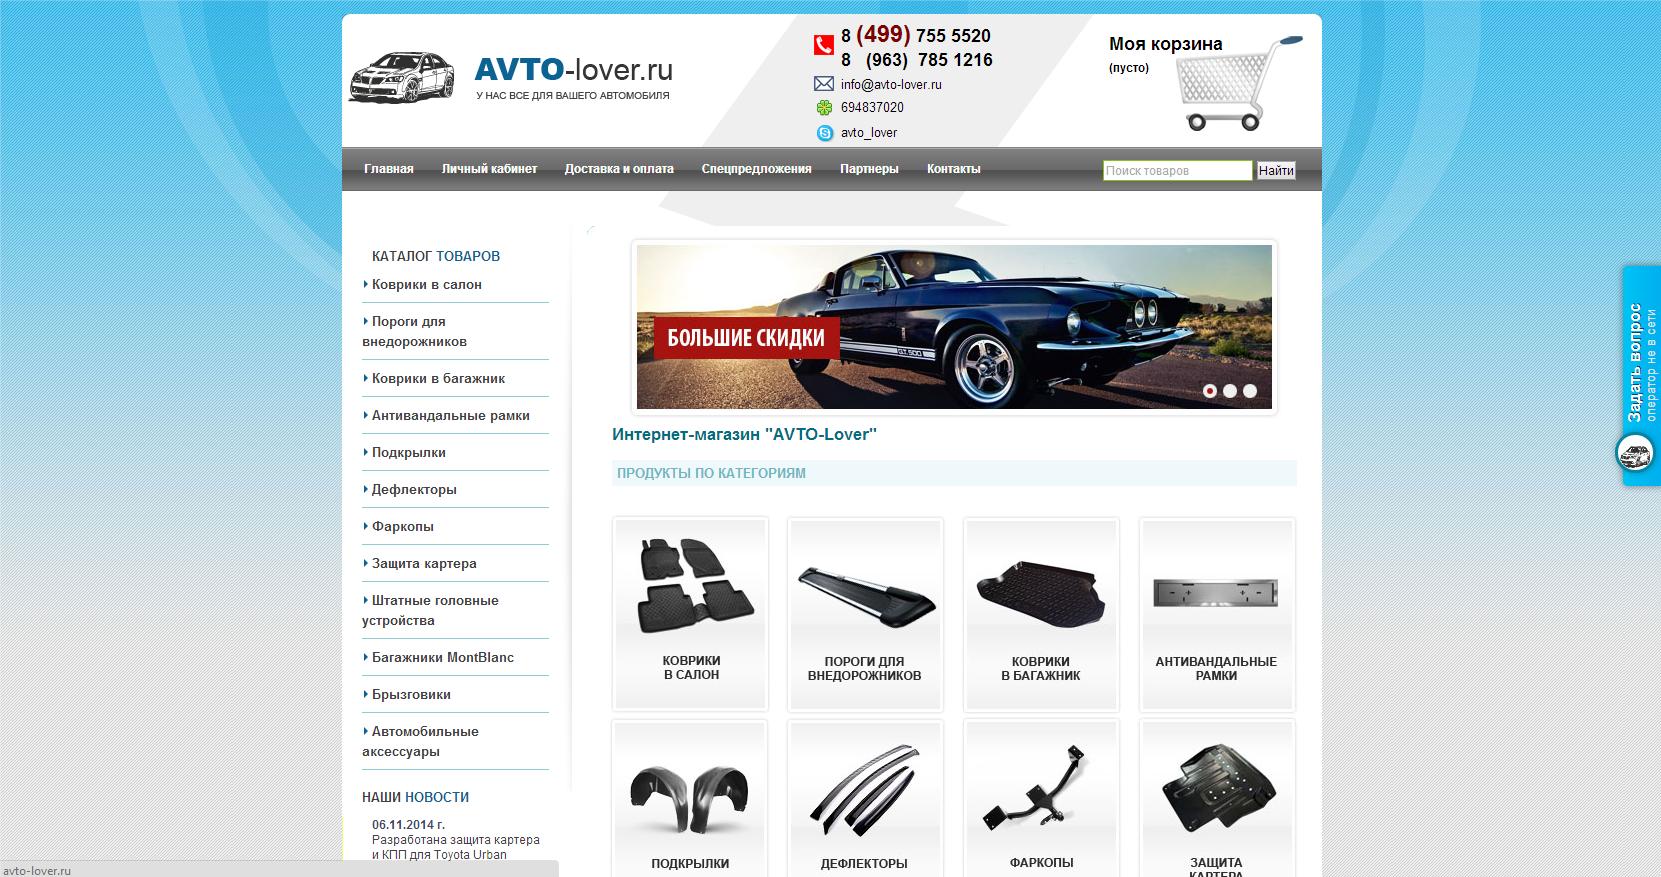 AVTO-Lover. Интернет-магазин автоаксессуаров и запчастей для автомобилей